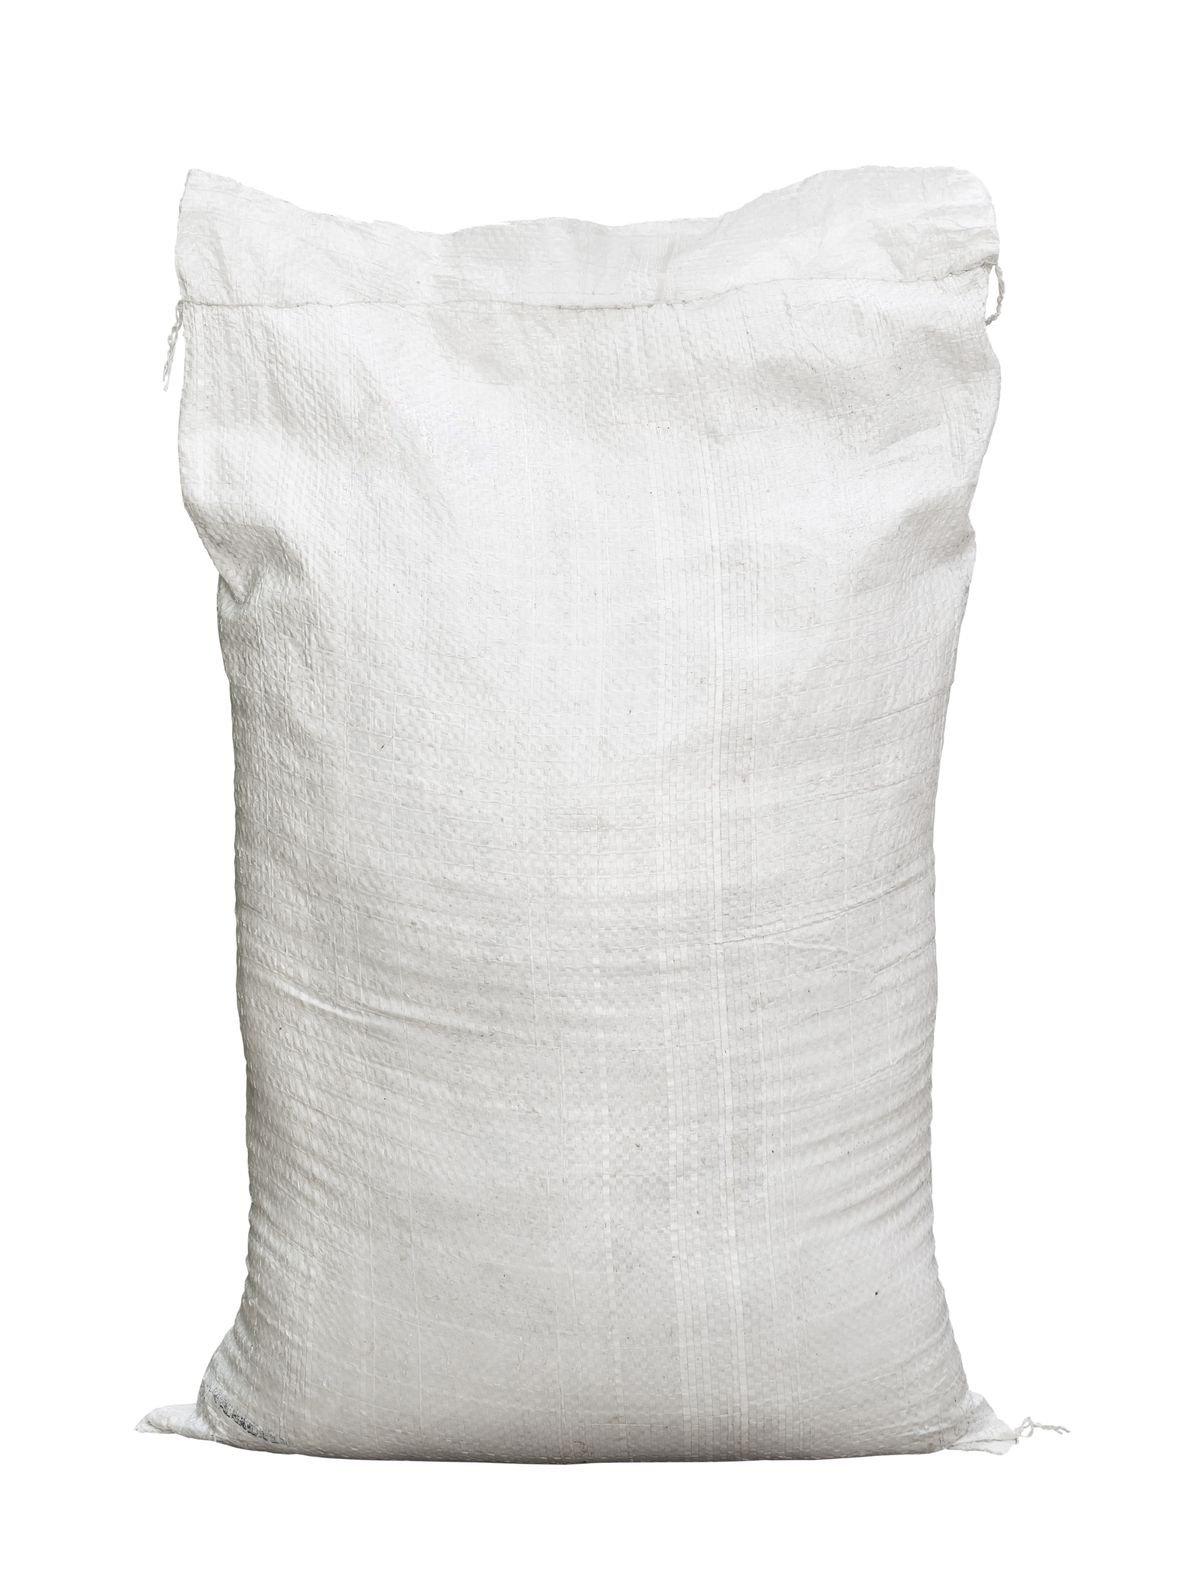 Woven Polypropylene Bags   Conitex Sonoco   Flexible